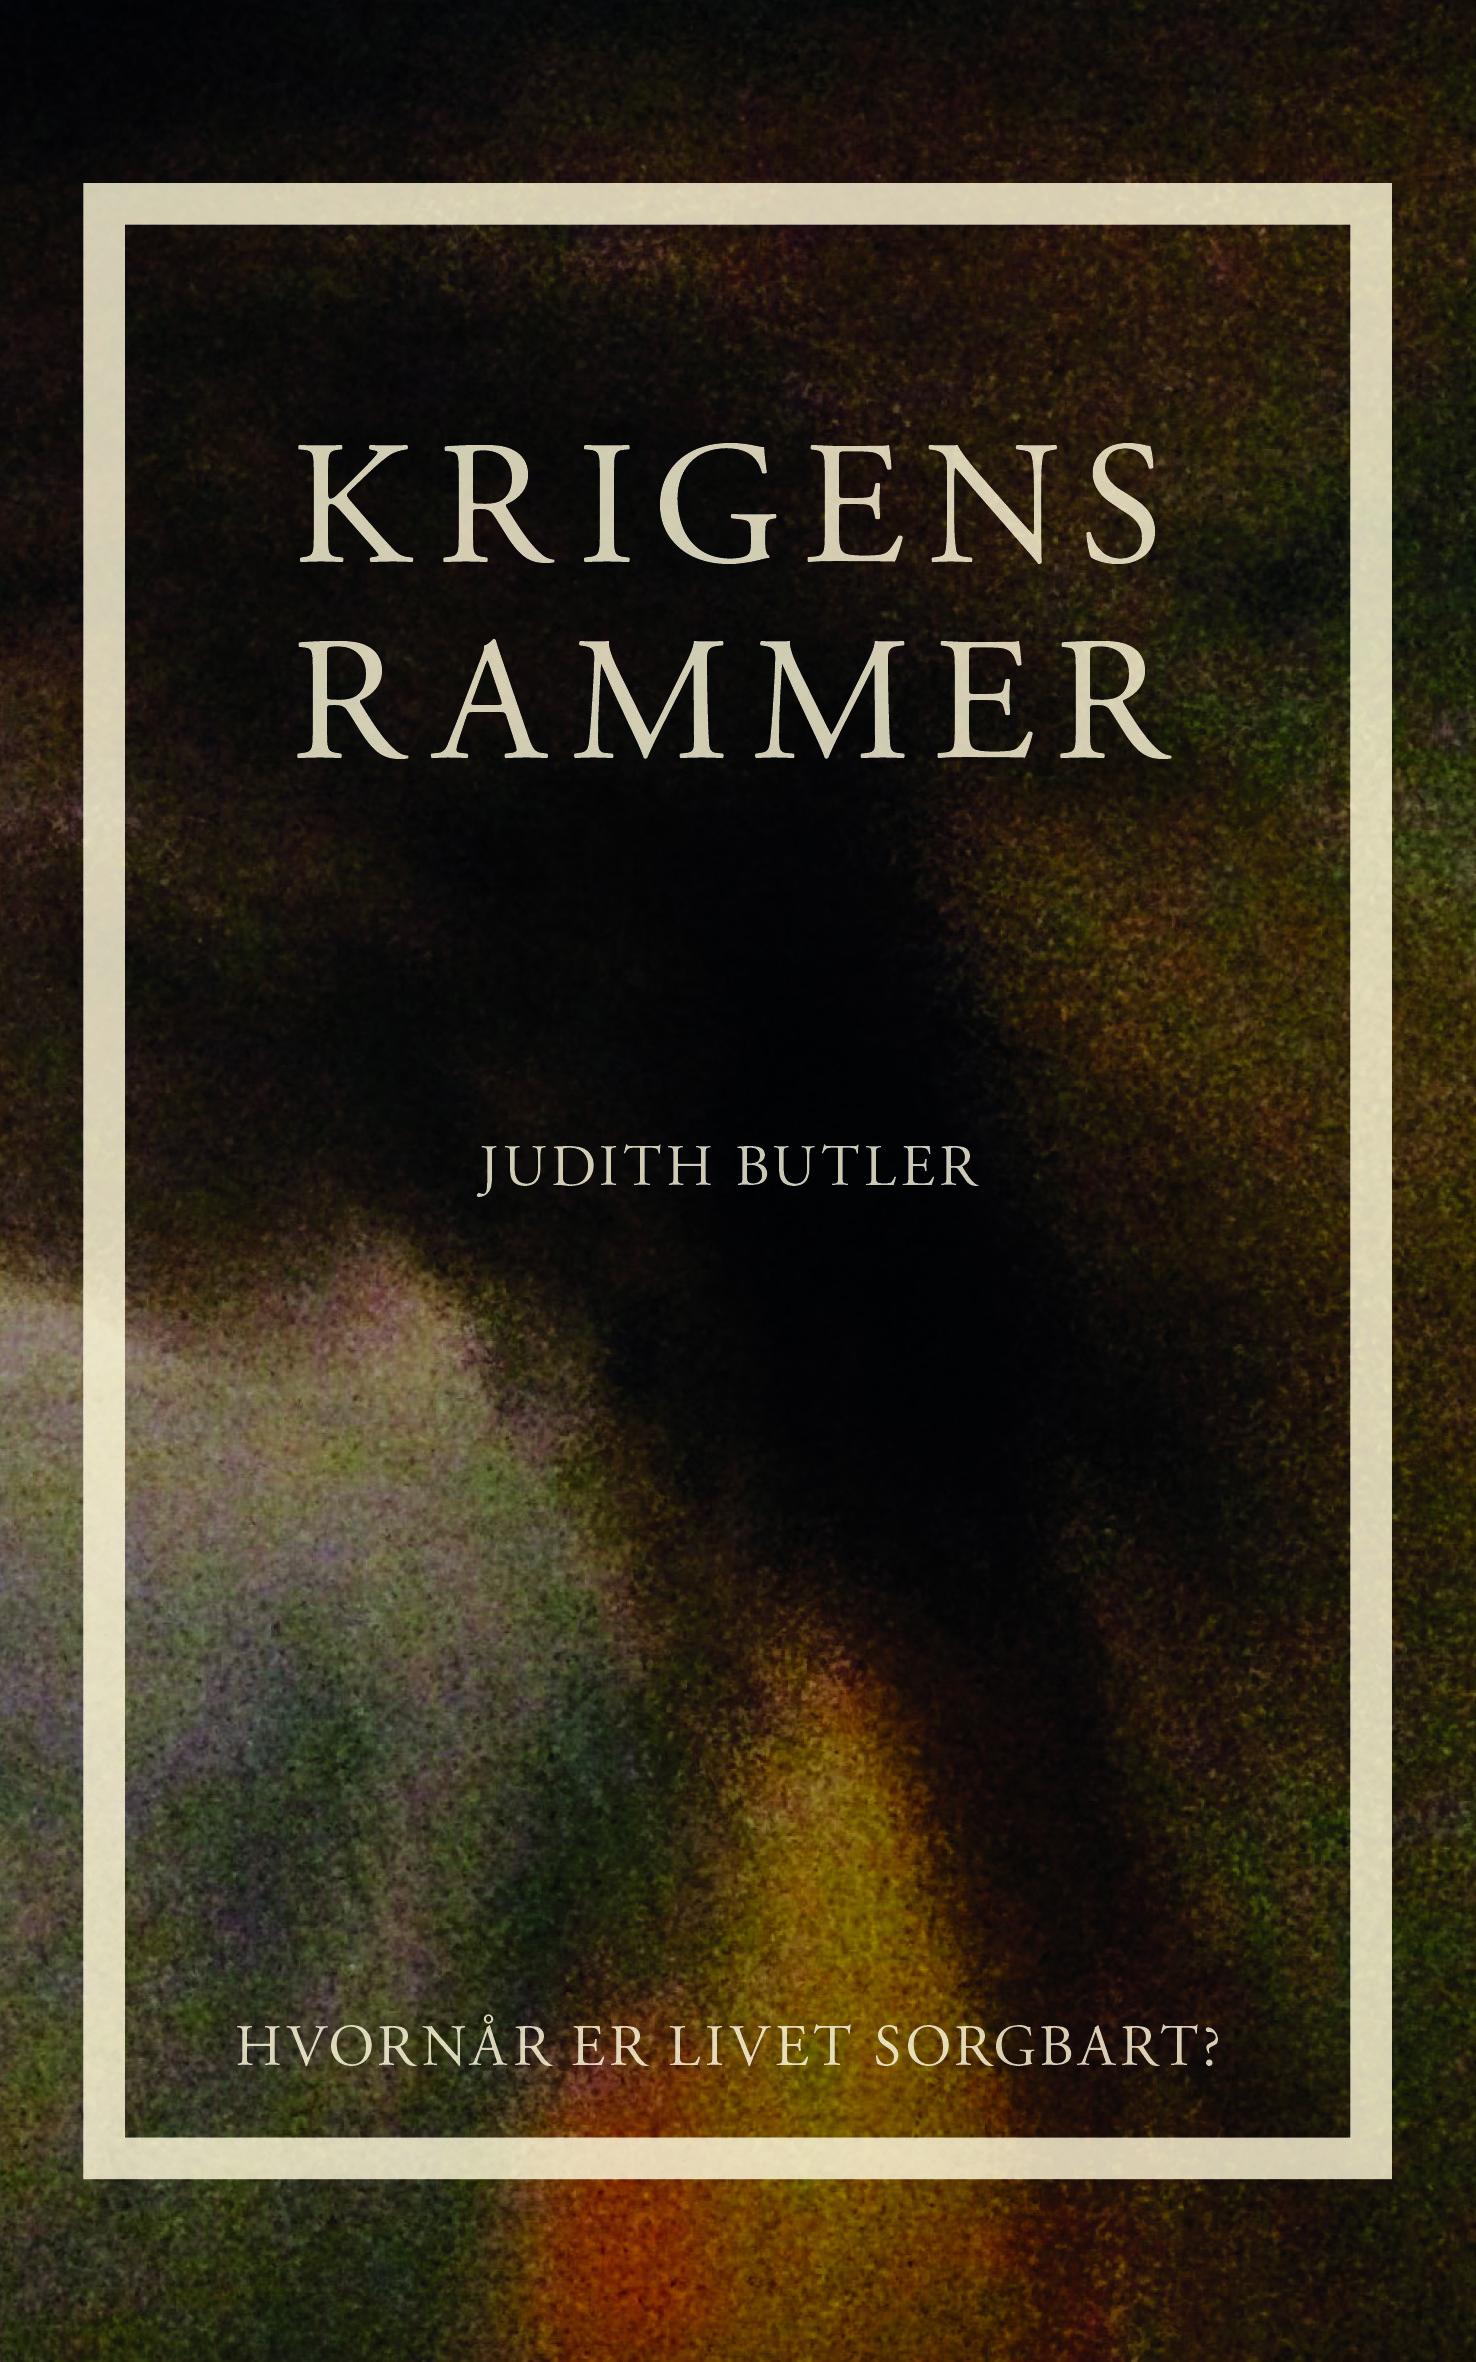 ARENA_KrigensRammer_cover